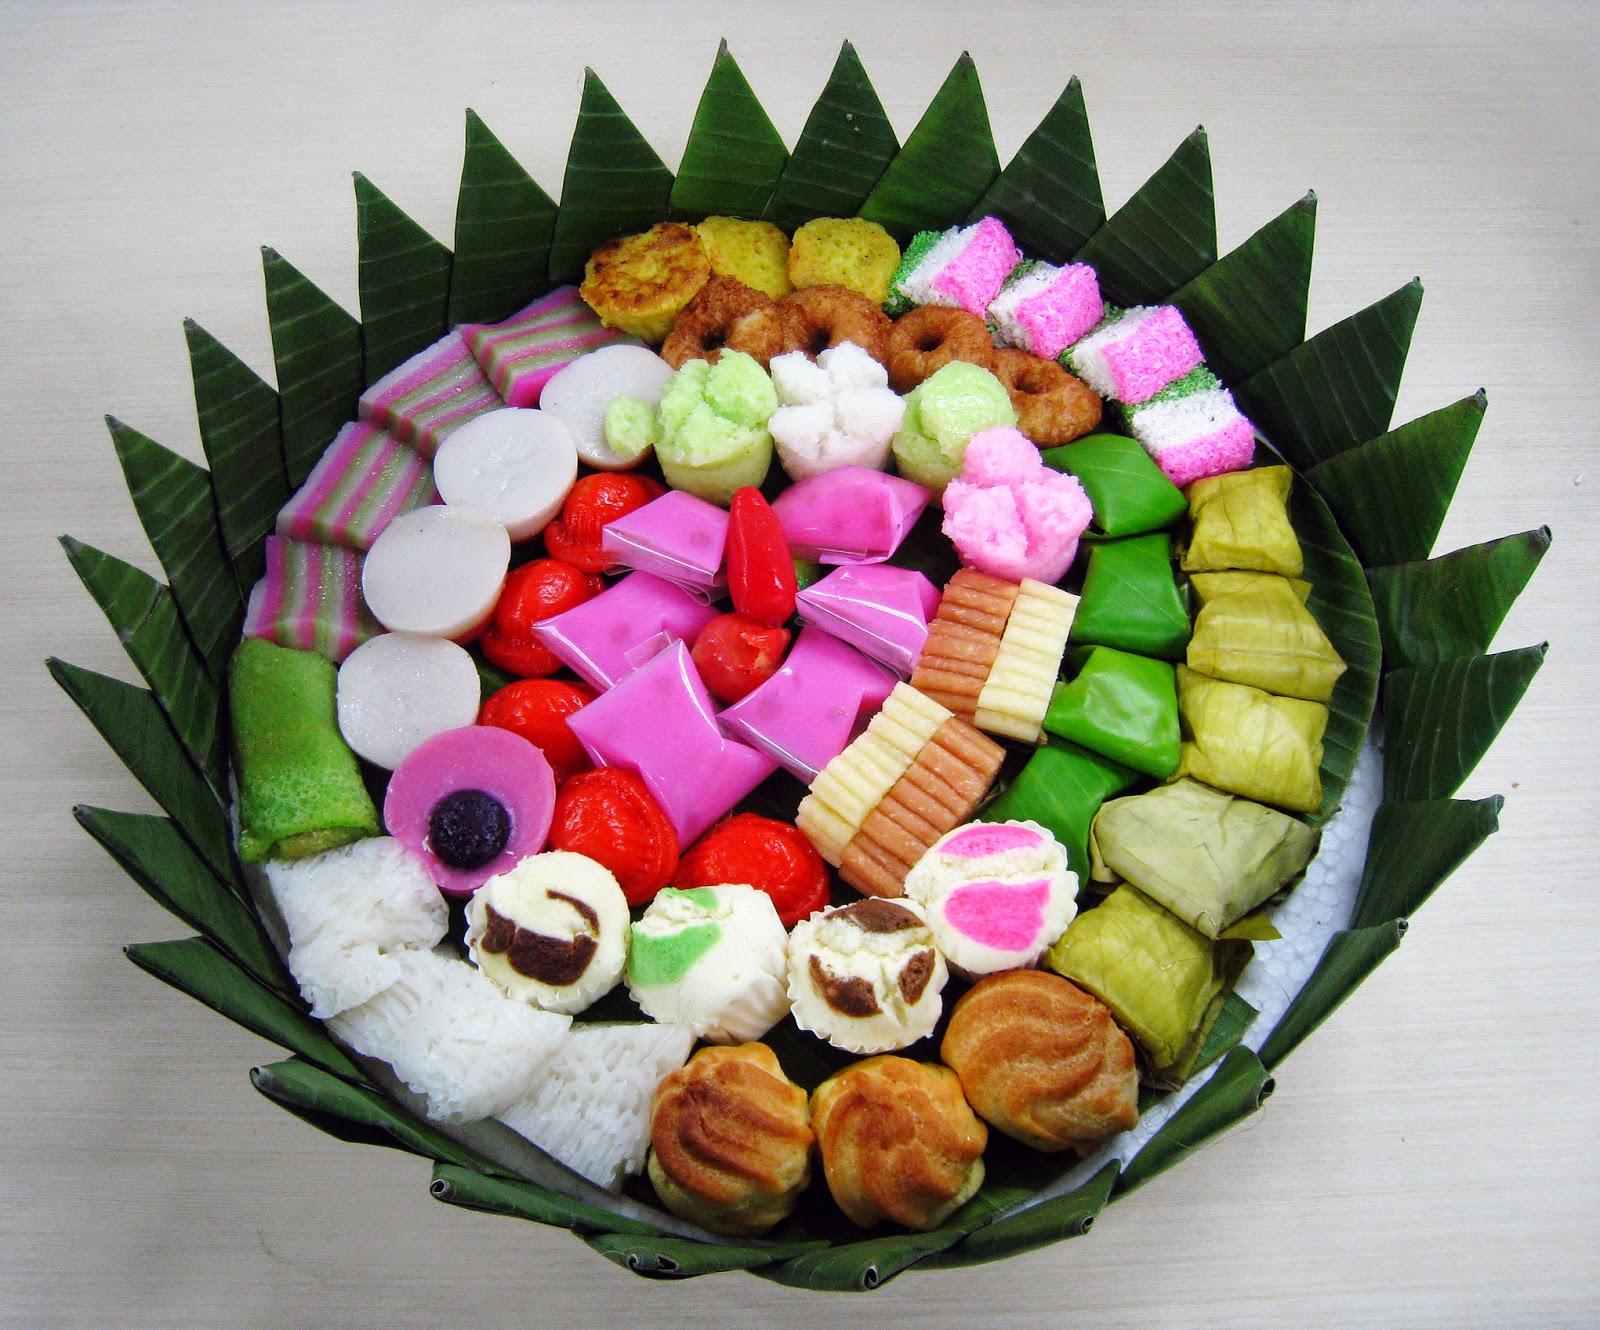 Resep Kue Basah